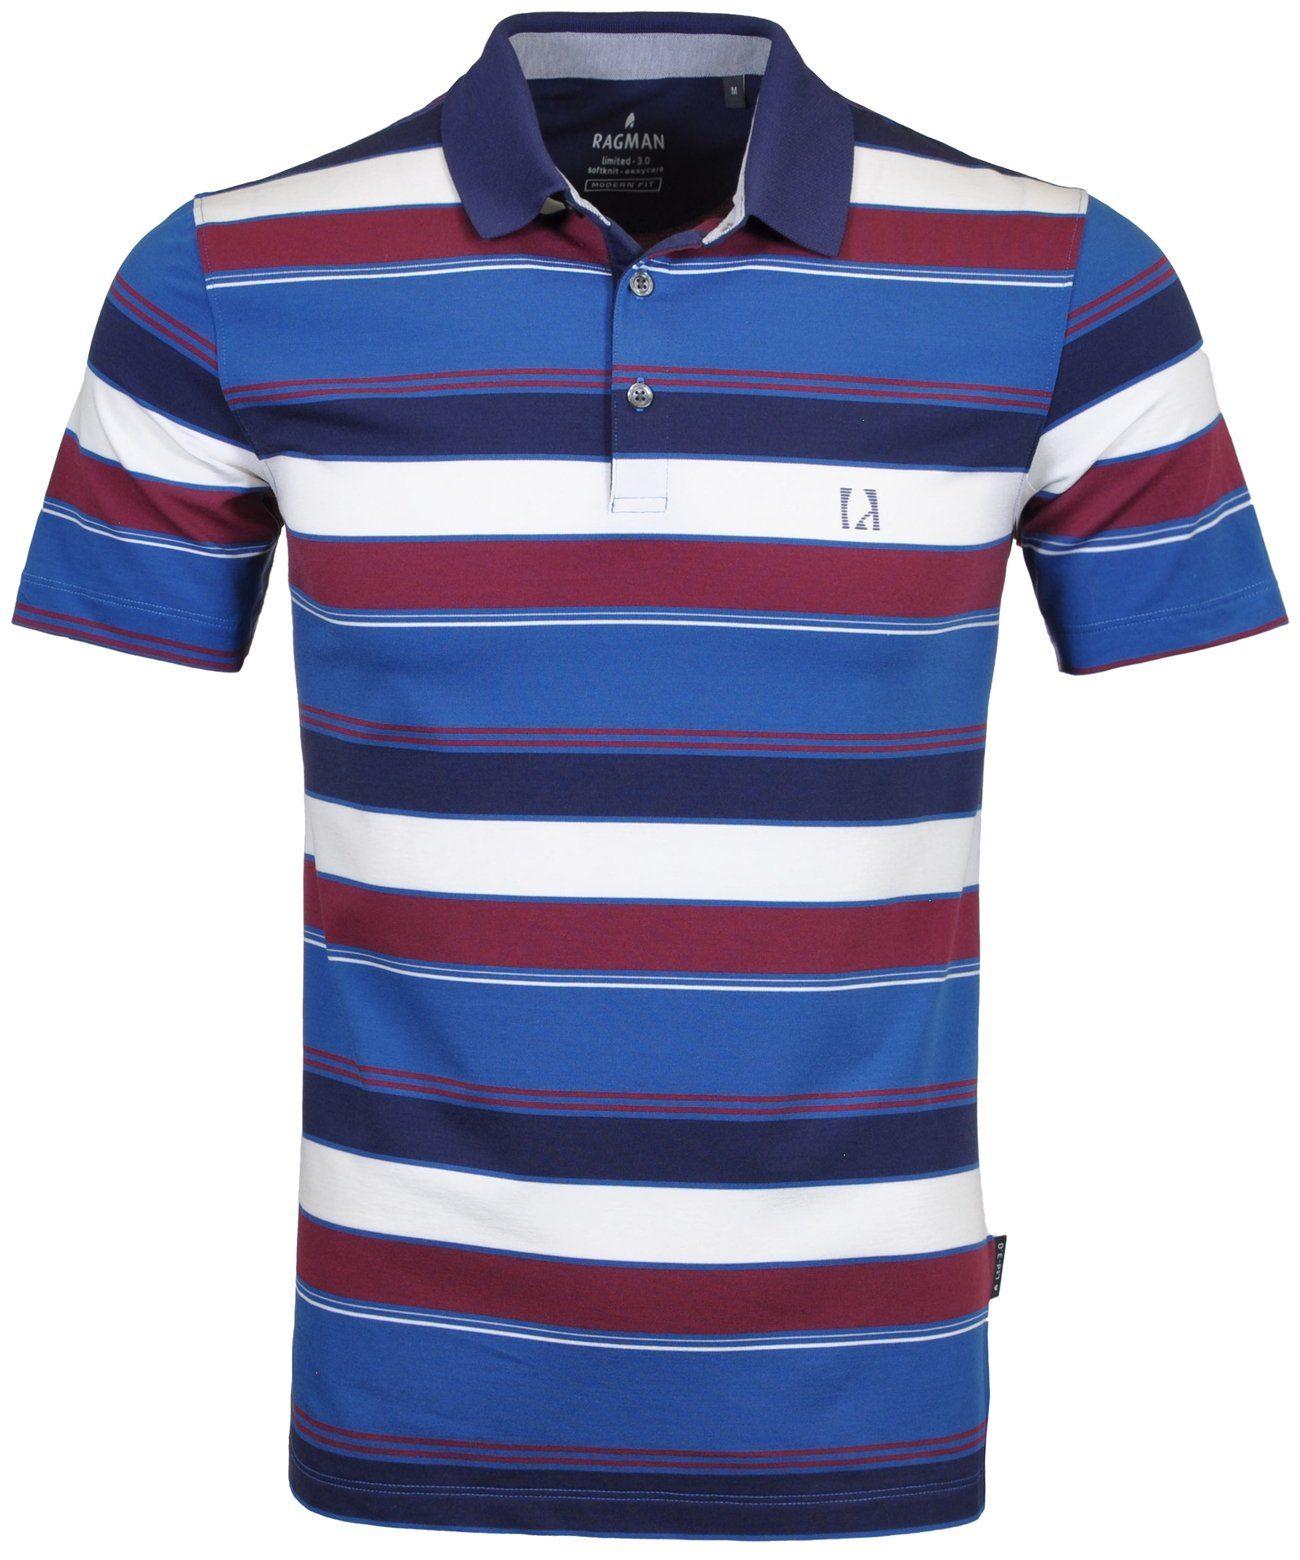 RAGMAN Poloshirt, Modern Fit online kaufen | OTTO